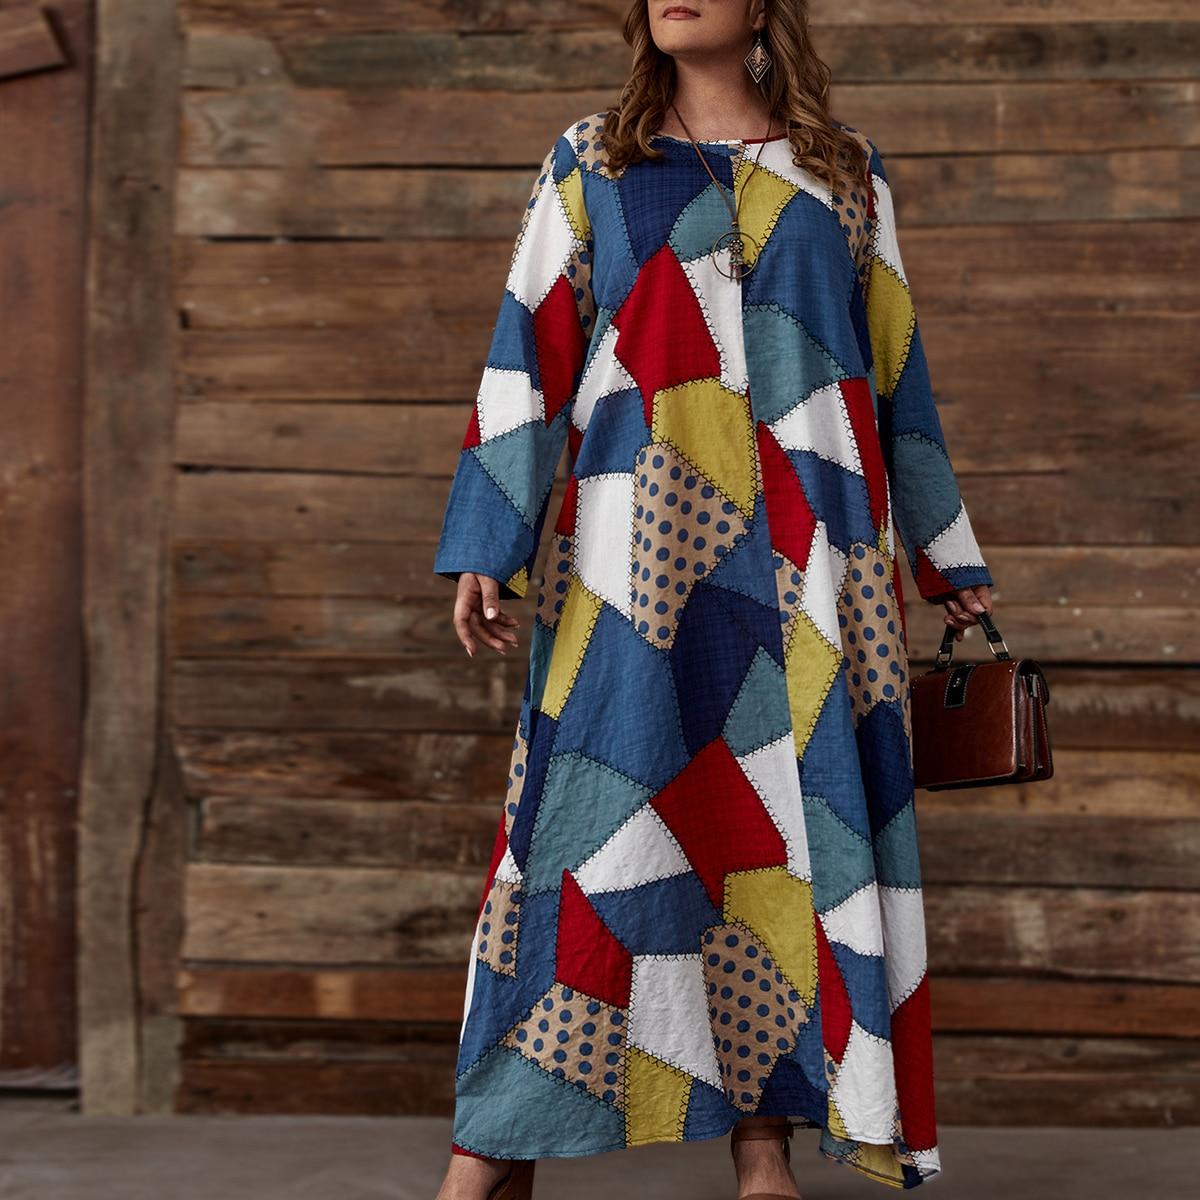 Макси-платье размера плюс с принтом в стиле пэчворк